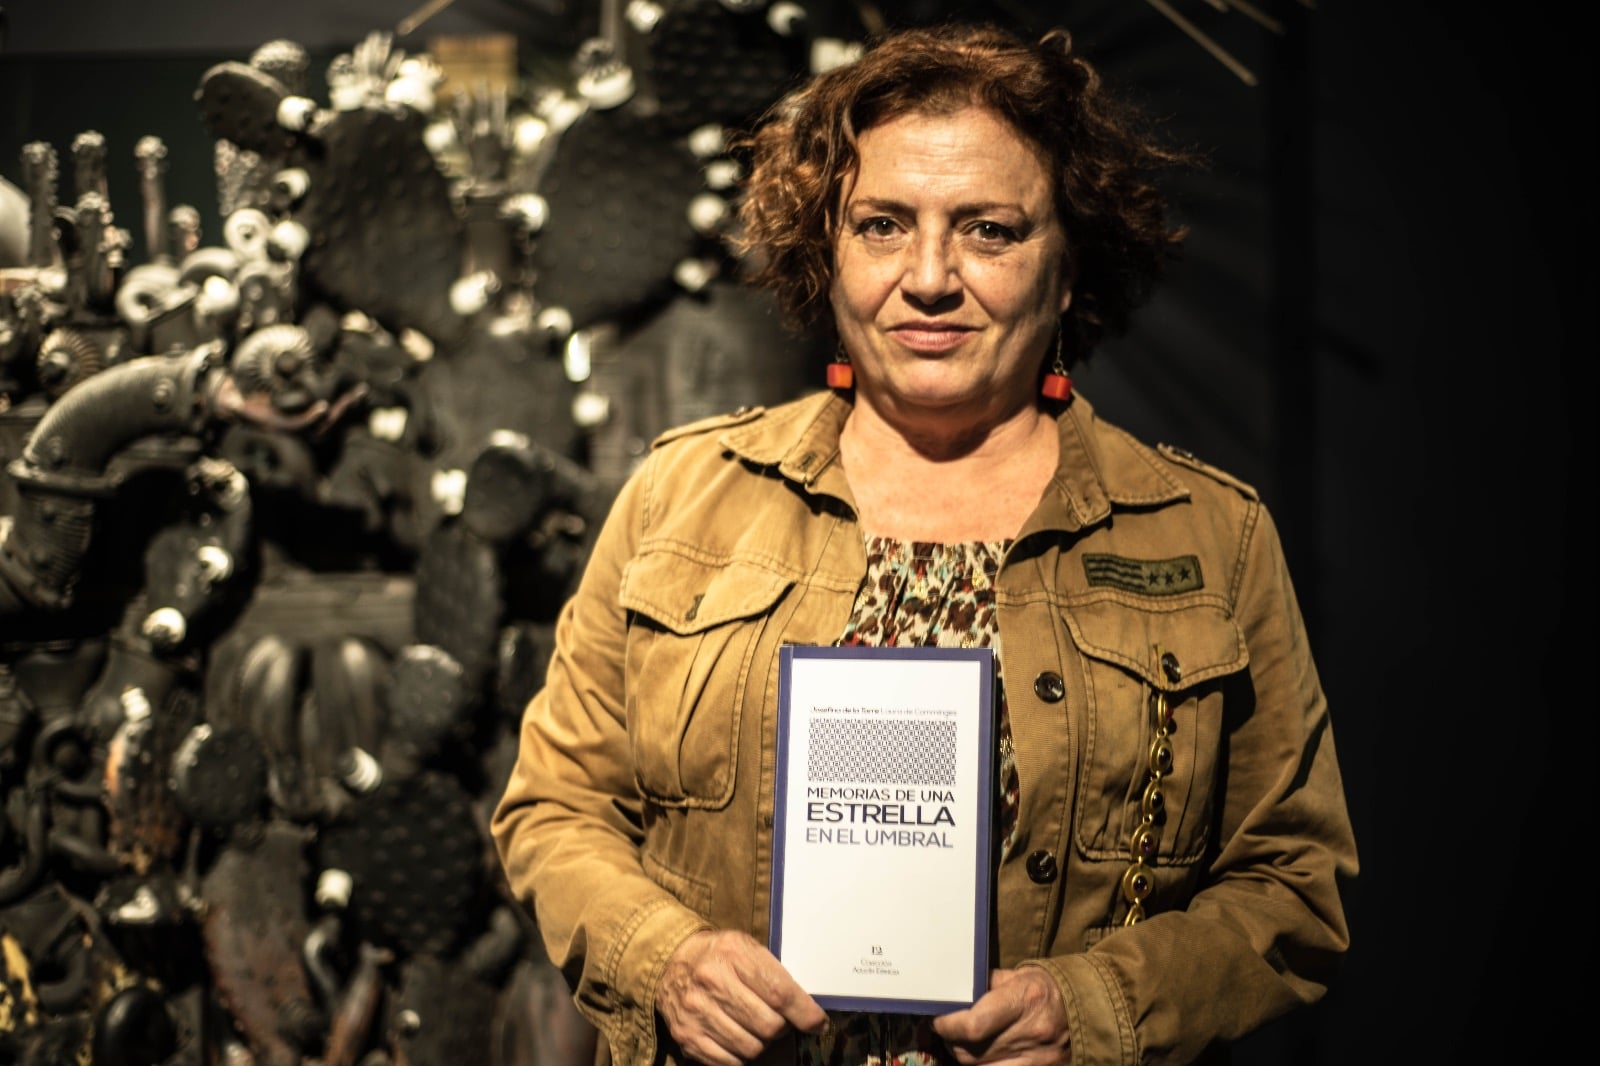 """""""La novela 'Memorias de una estrella', permite descubrir entre líneas el contexto político, social y cultural de los años 40"""""""